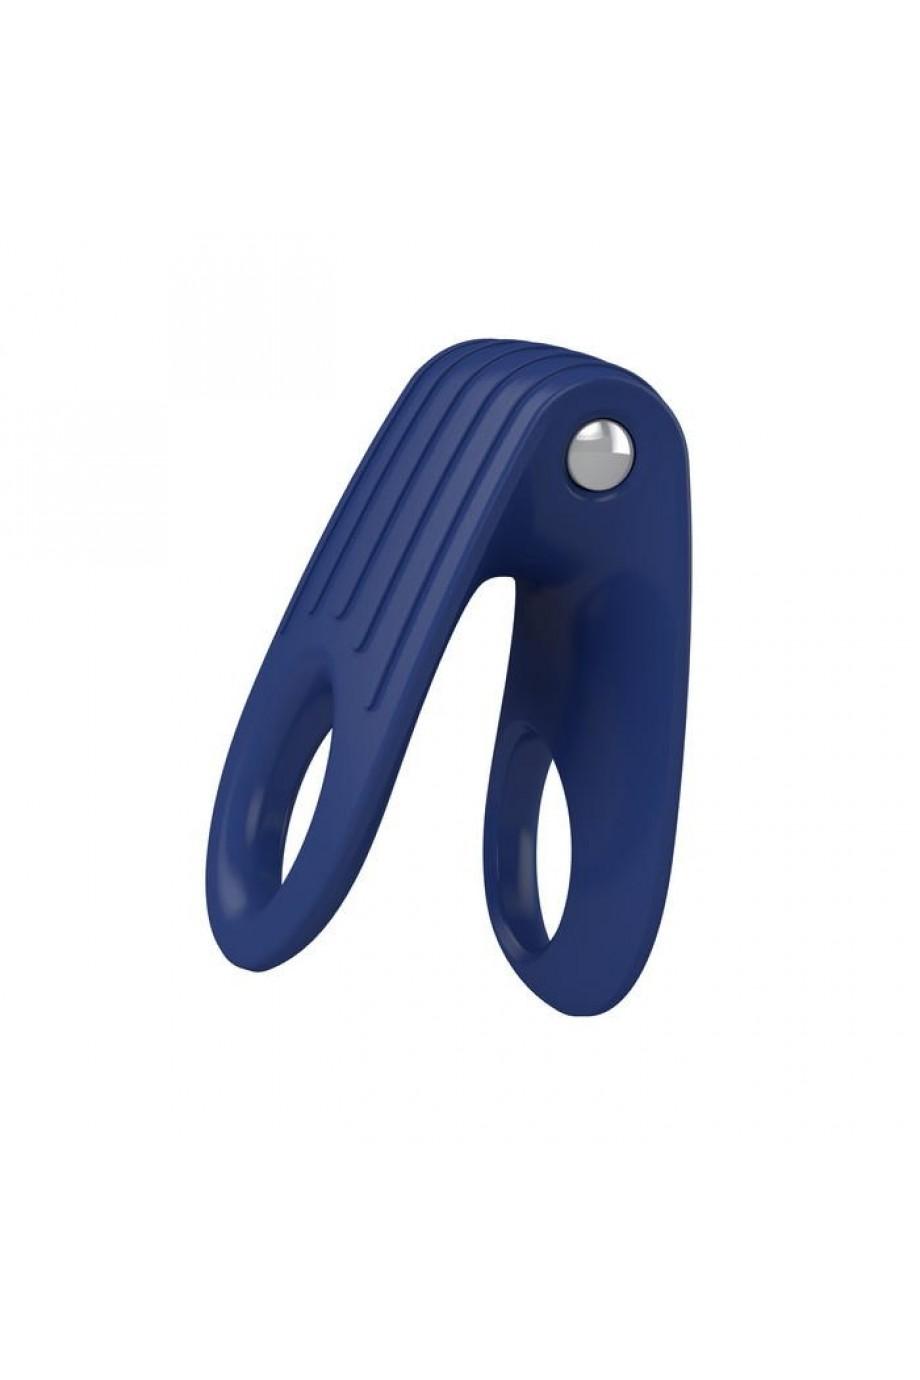 Эрекционное кольцо OVO двойное, инновационной формы с вибрацией, силиконовое, синее